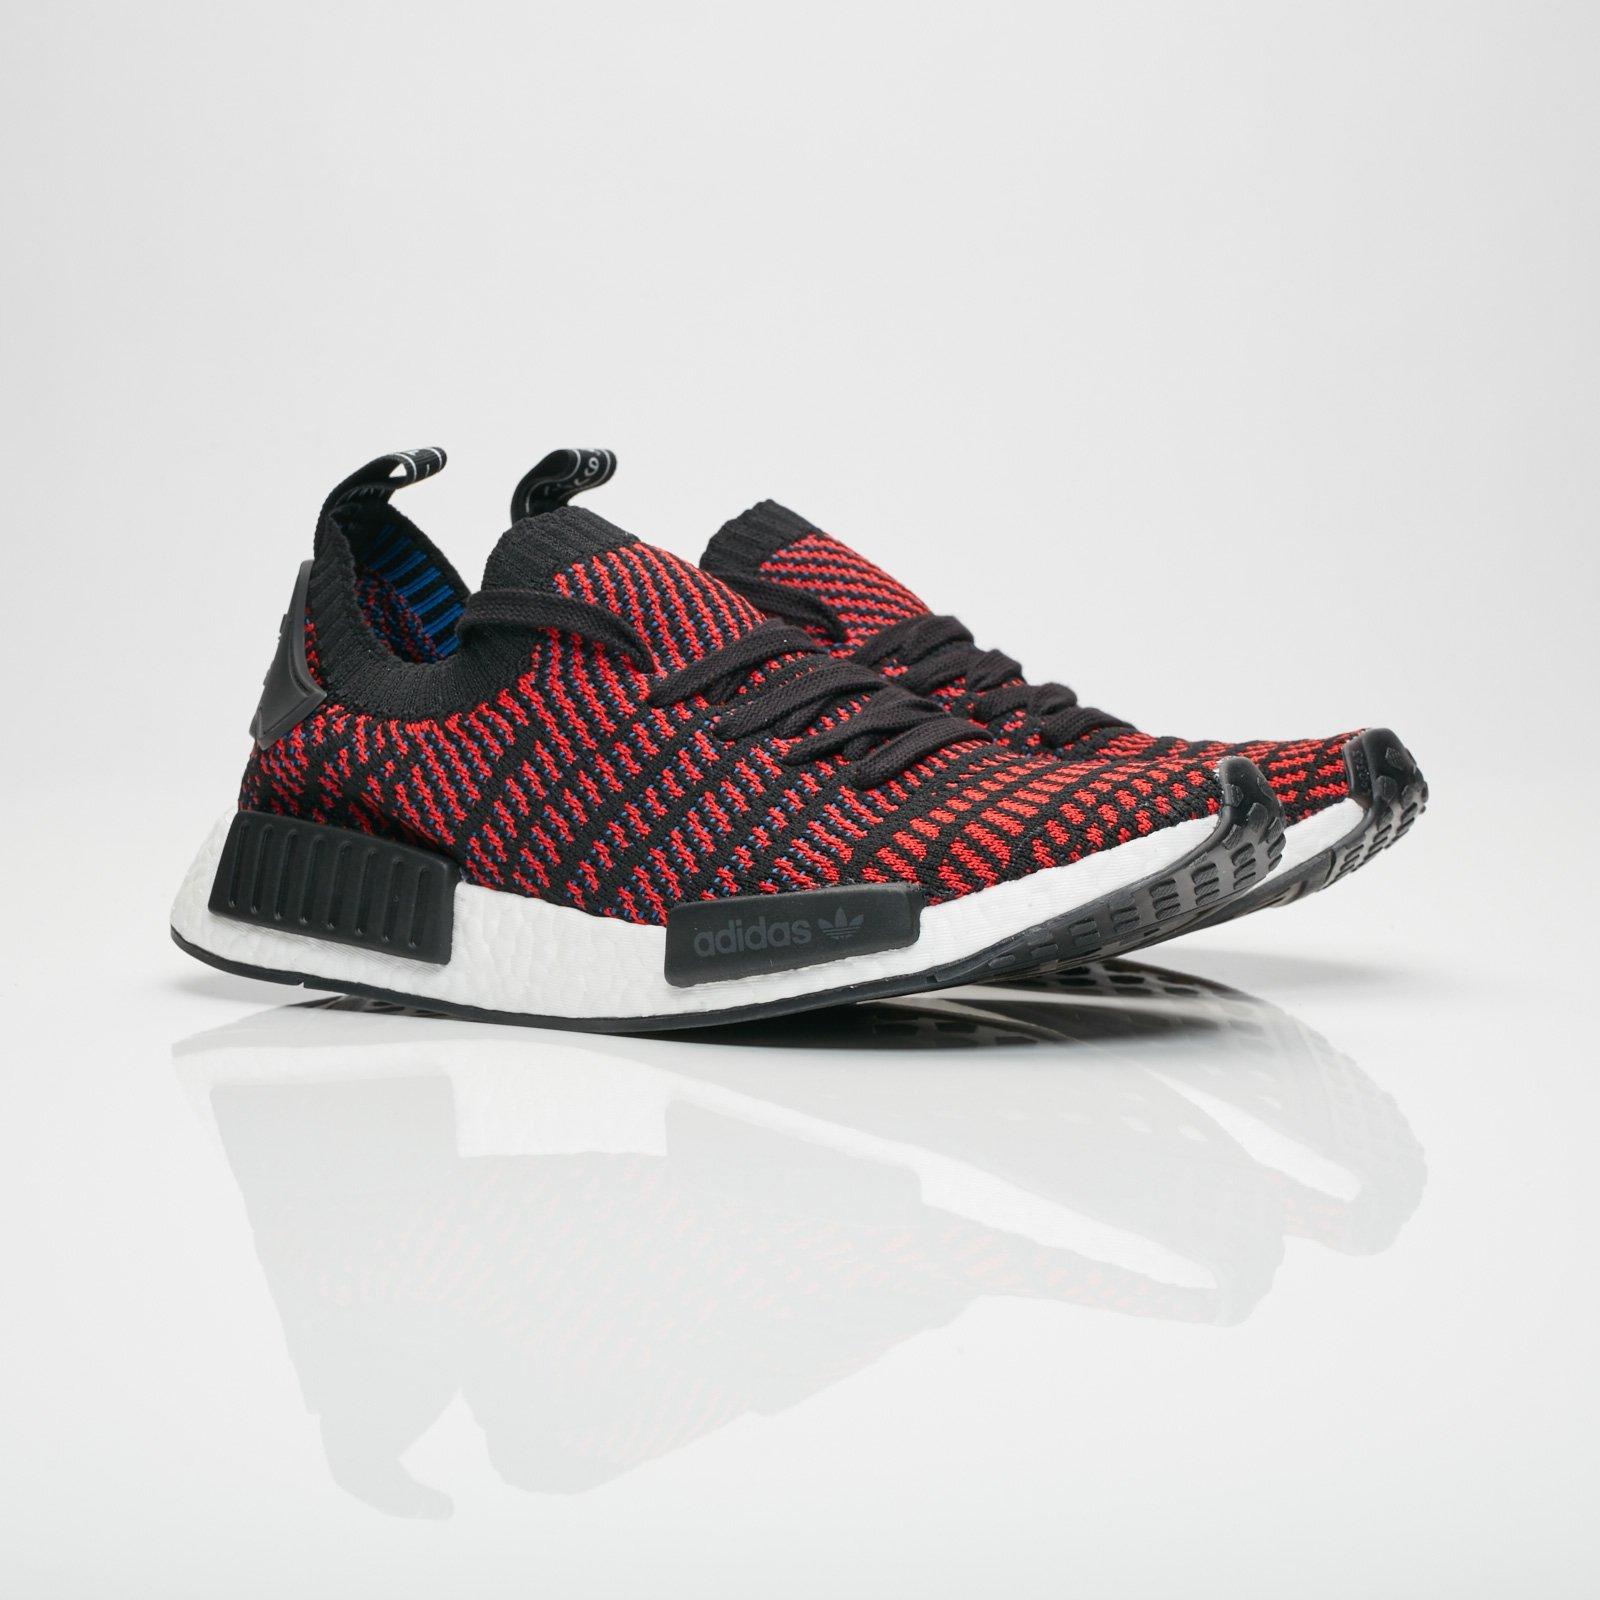 ad13f79c4f8d5 adidas NMD R1 STLT PK - Cq2385 - Sneakersnstuff